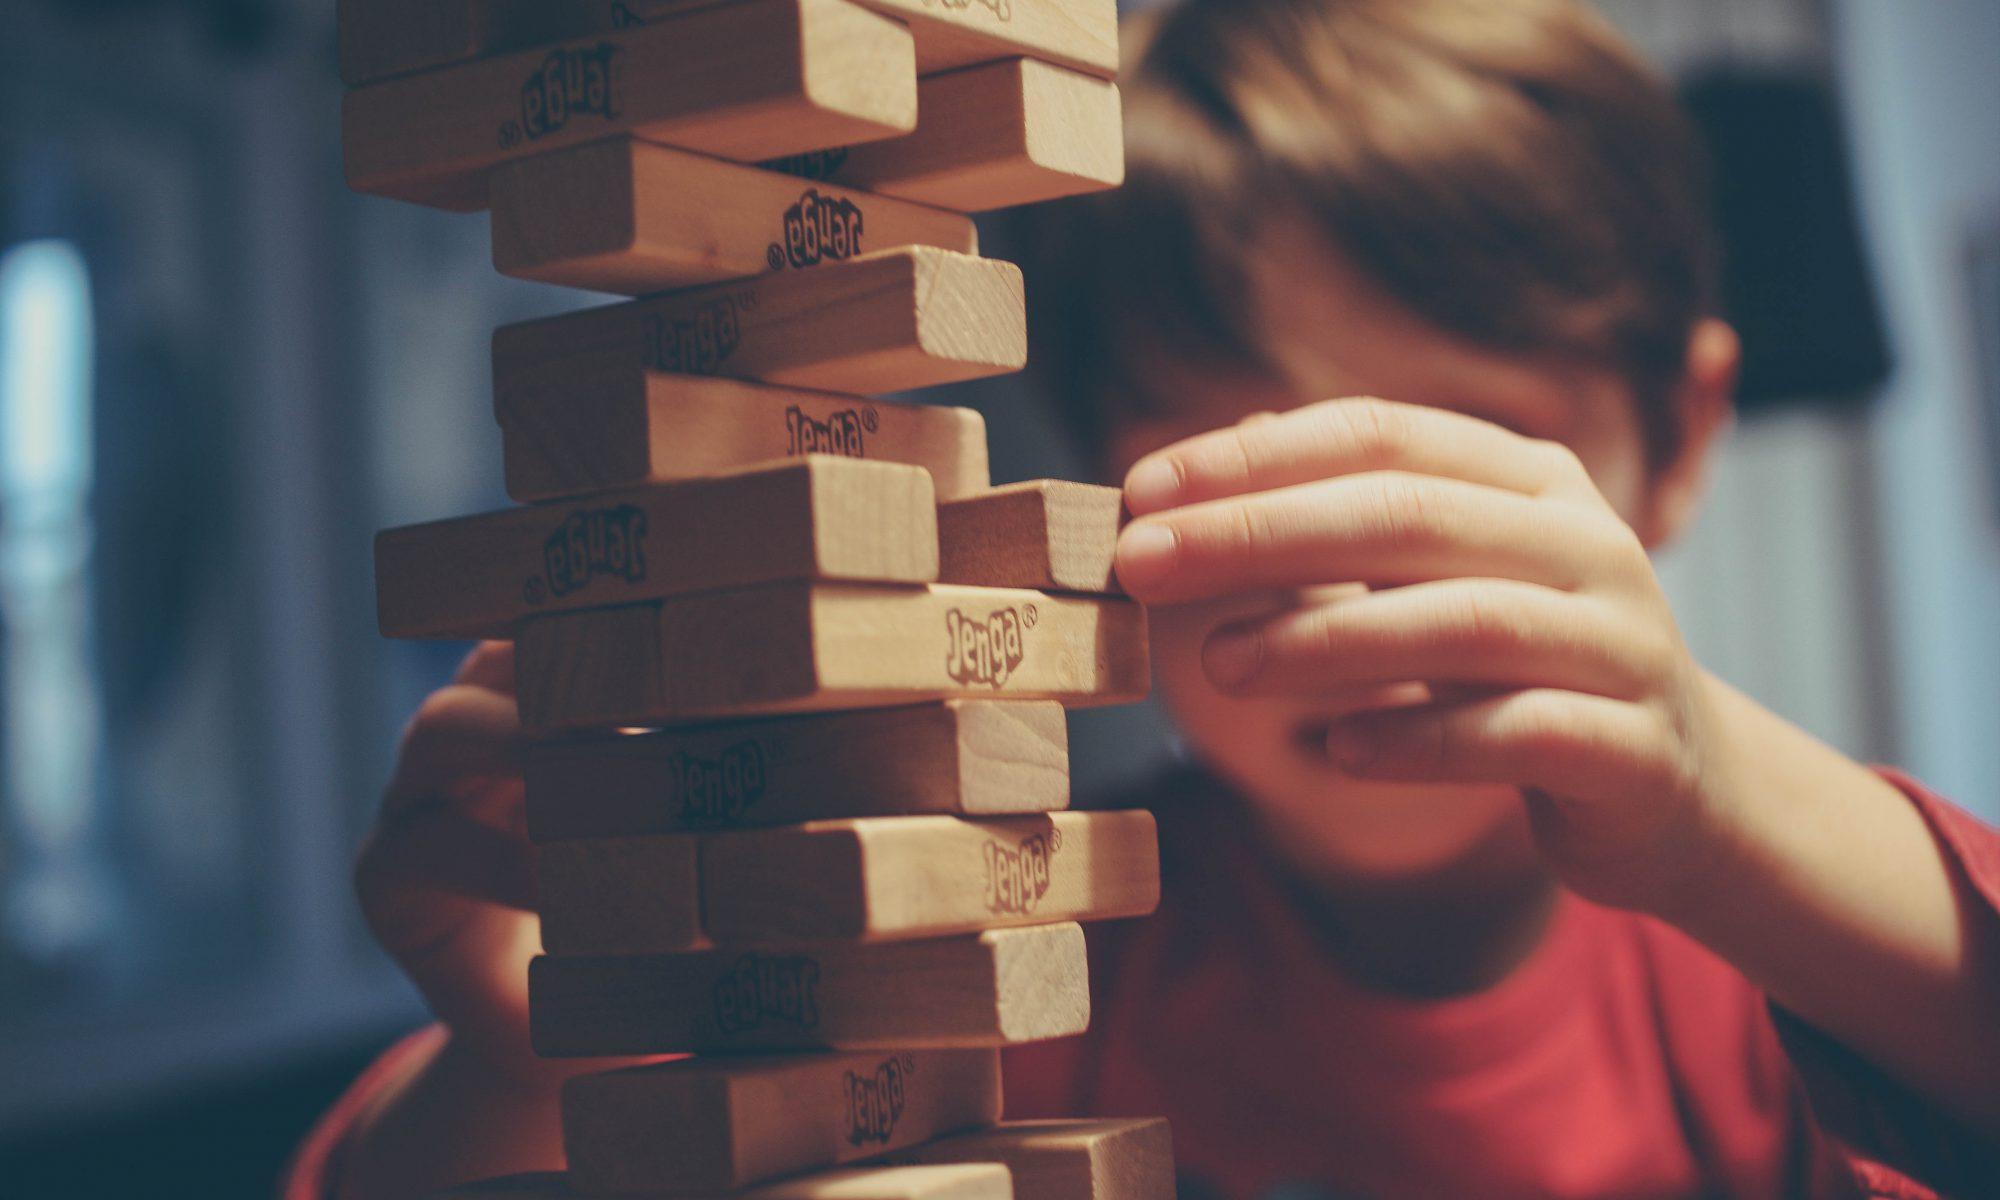 Junge spielt mit Bauklötzen. Erst Qualitätsverbesserungen, dann die Abschaffung von Kita Gebühren. So müsste es eigentlich laufen.